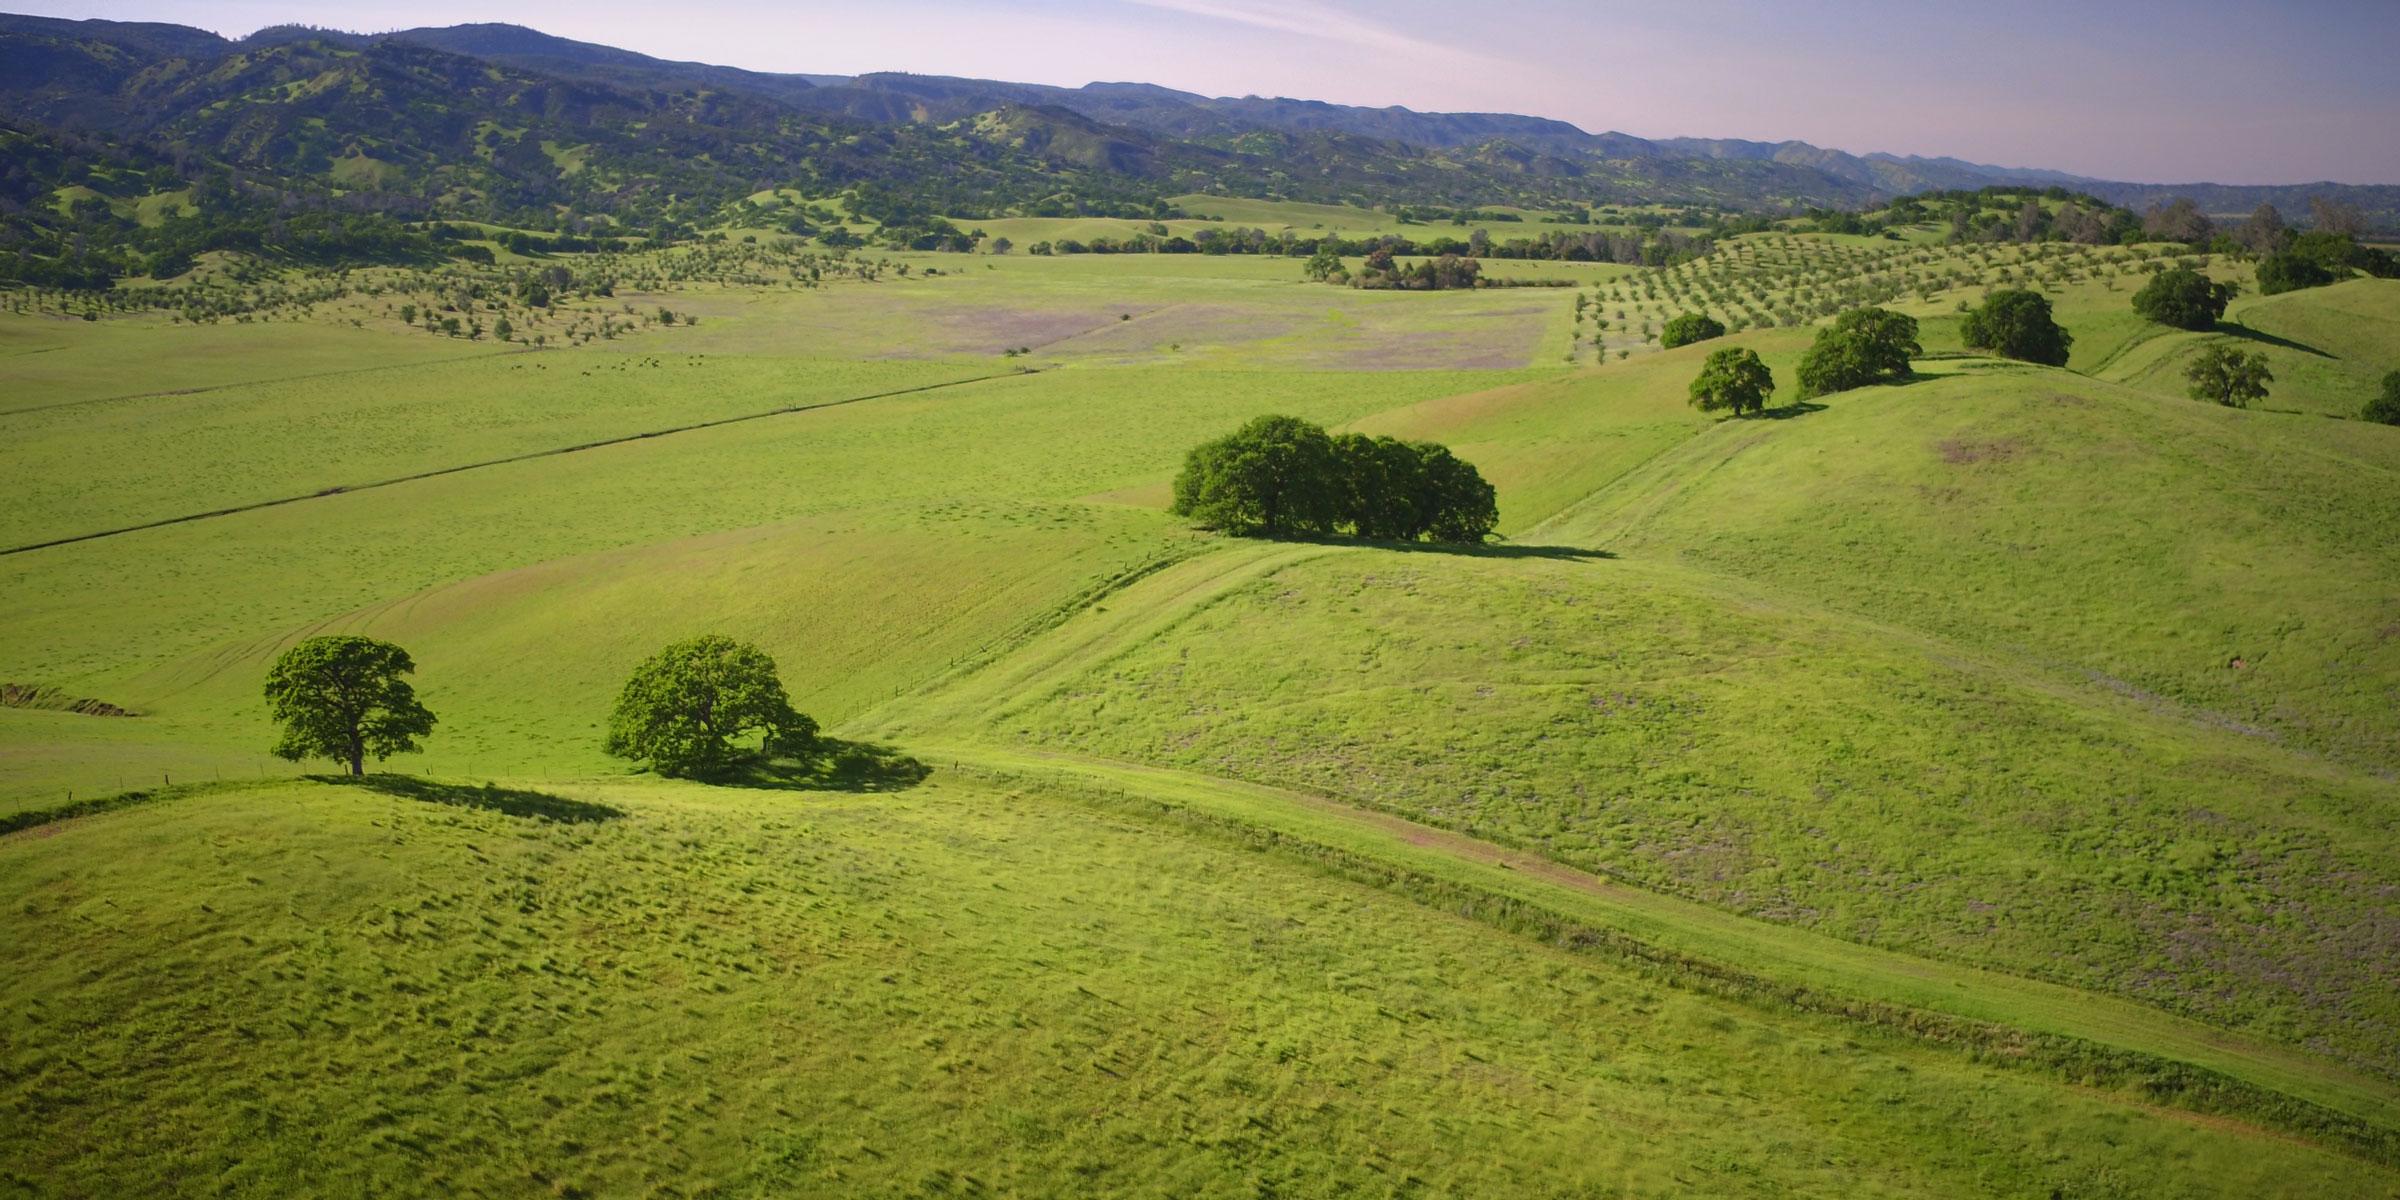 Collines verdoyantes parsemées d'arbres verts luxuriants dans le nord de la Californie